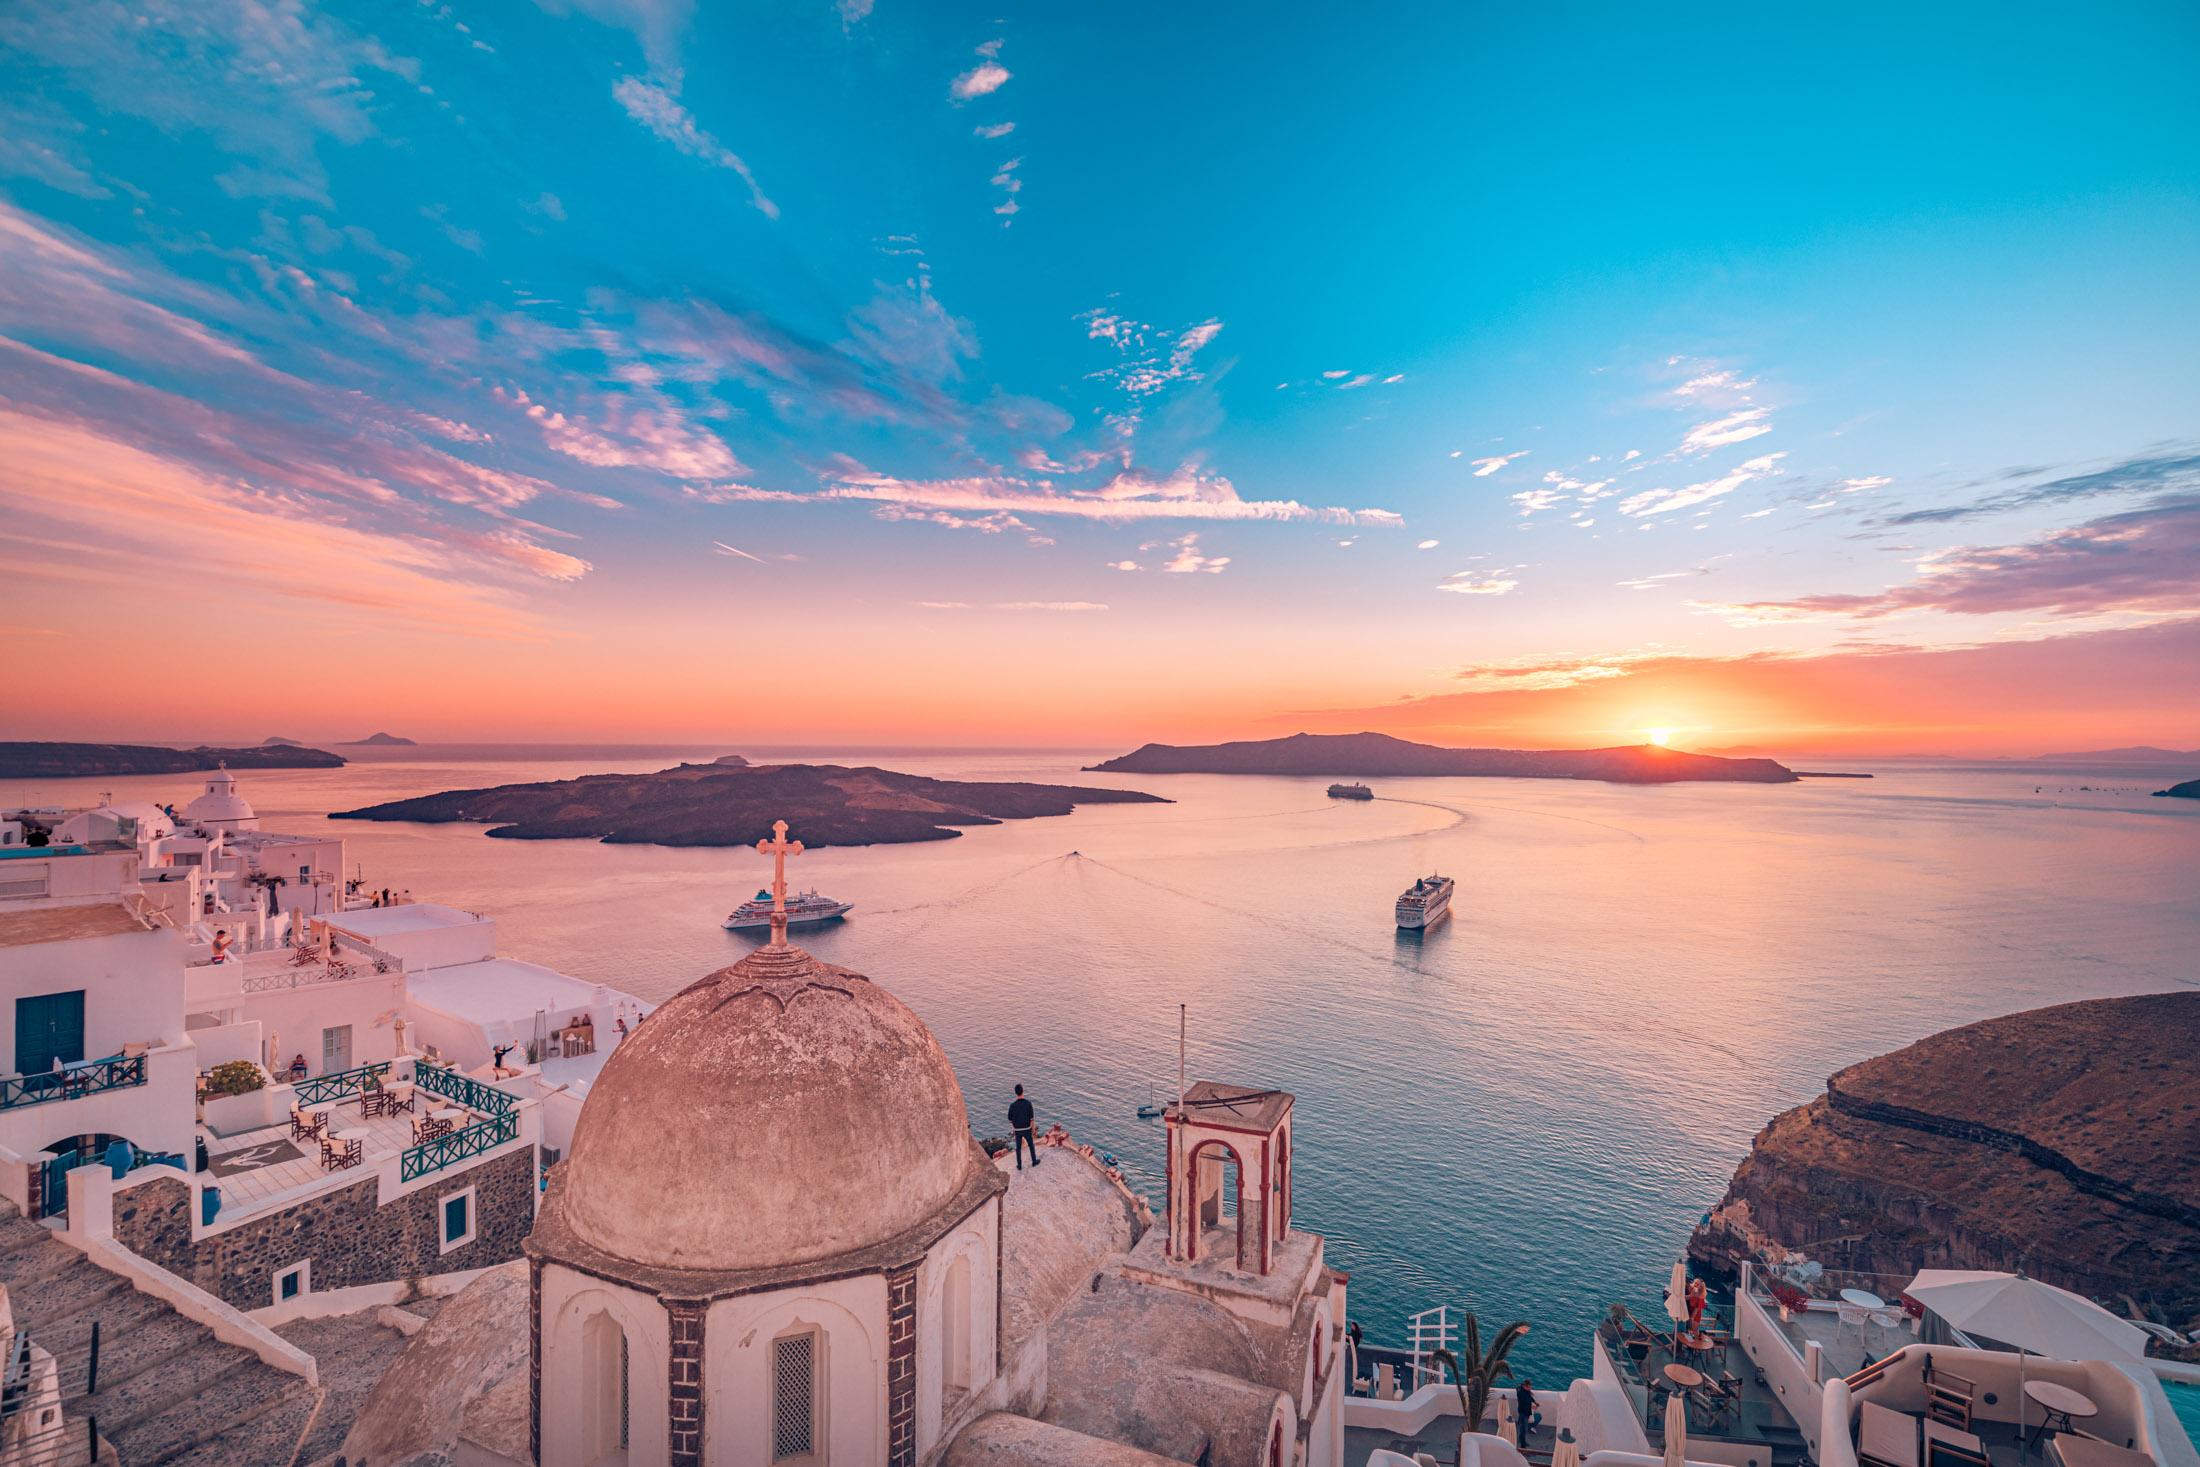 Εκπληκτική βραδινή θέα στα Φηρά, την Καλντέρα, το ηφαίστειο της Σαντορίνης, Ελλάδα με κρουαζιερόπλοια στο ηλιοβασίλεμα.  Δραματικός συννεφιασμένος ουρανός